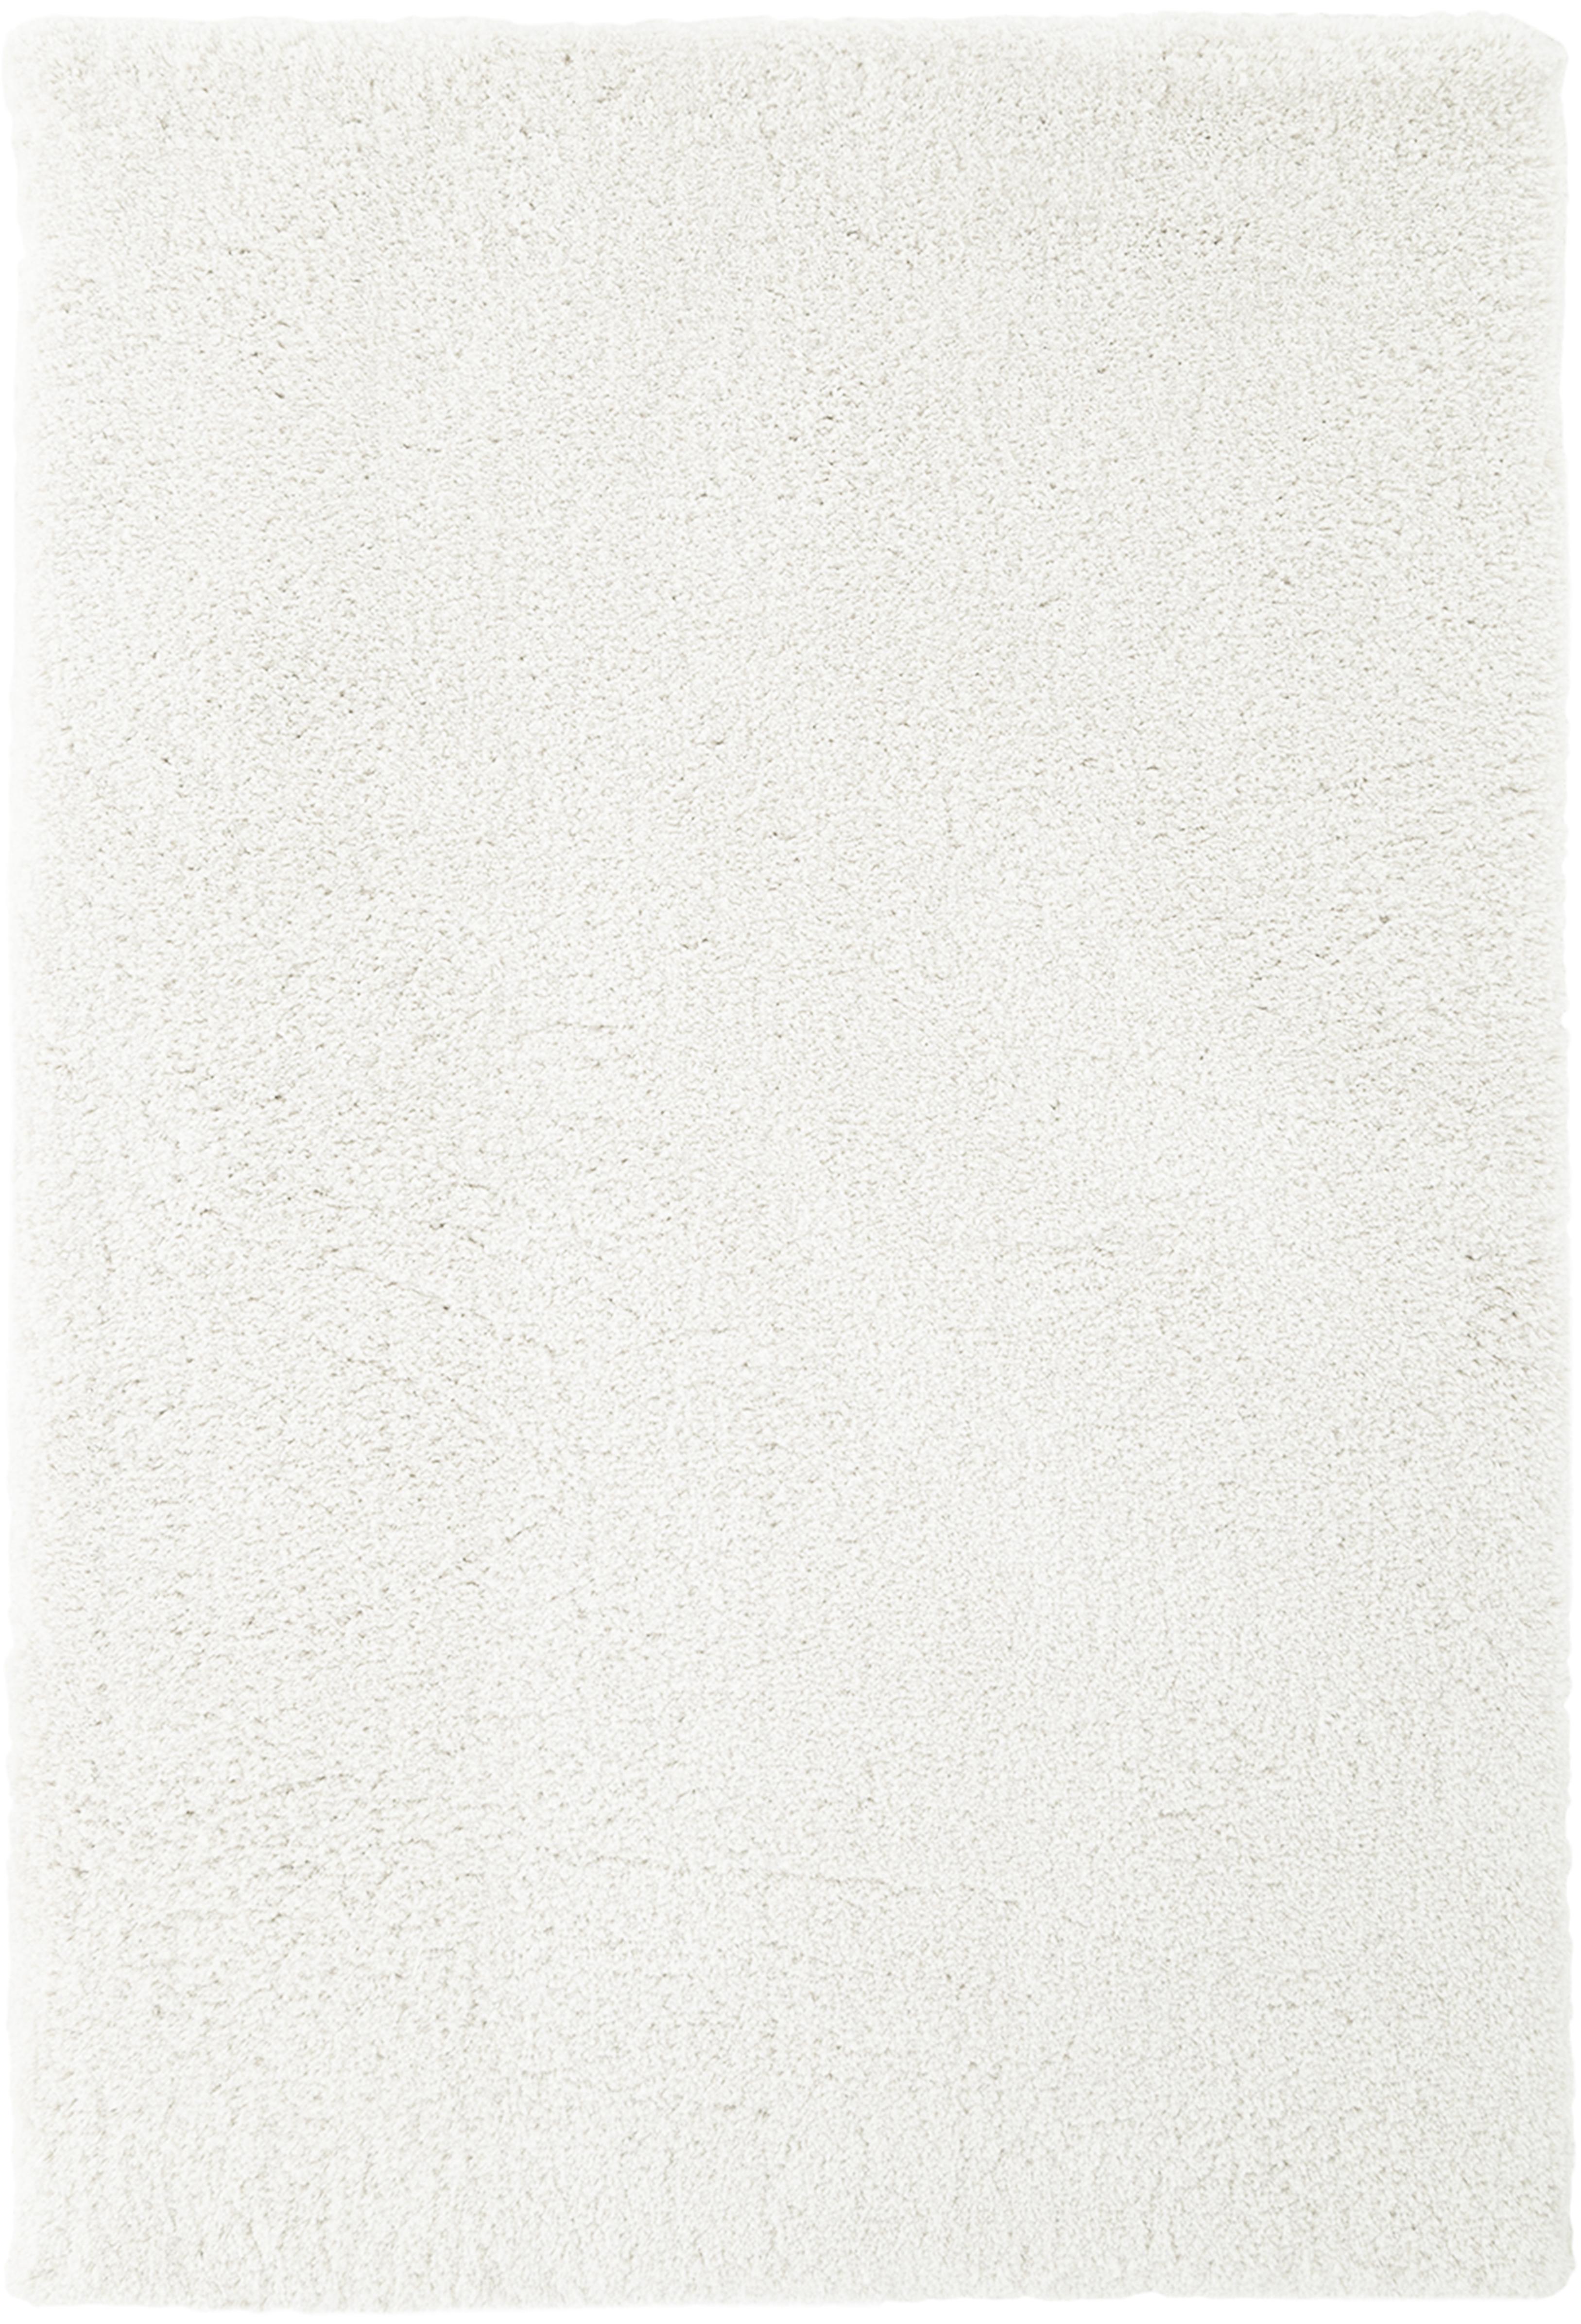 Pluizig hoogpolig vloerkleed Leighton in crèmekleur, Bovenzijde: 100% polyester (microveze, Onderzijde: 70% polyester, 30% katoen, Crèmekleurig, B 200 x L 300 cm (maat L)